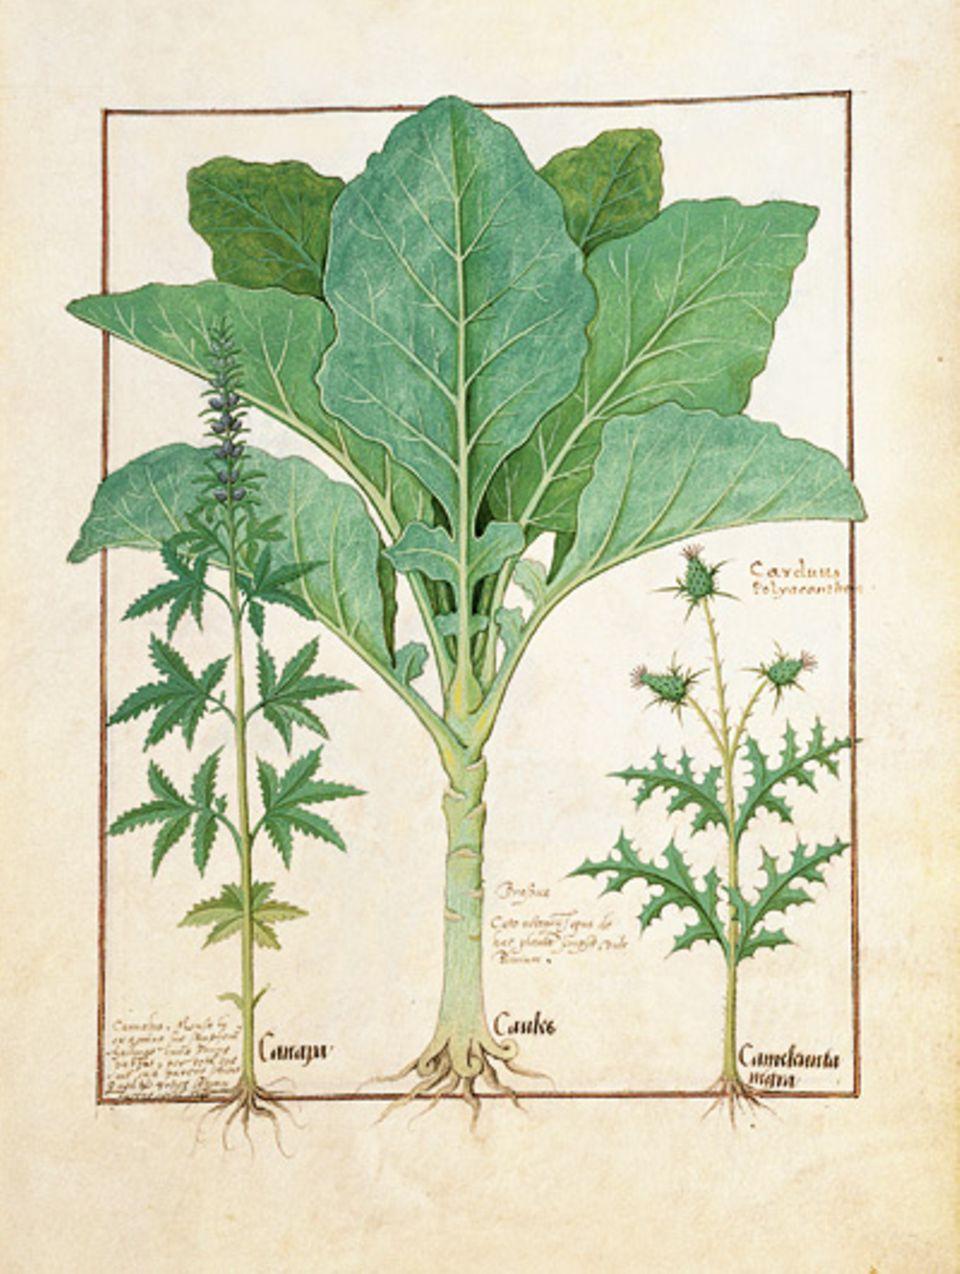 GEO EPOCHE KOLLEKTION: Das Harz der Cannabis- Pflanze (oben links) wird bei Frauenkrankheiten sowie Gicht und Rheumatismus verordnet